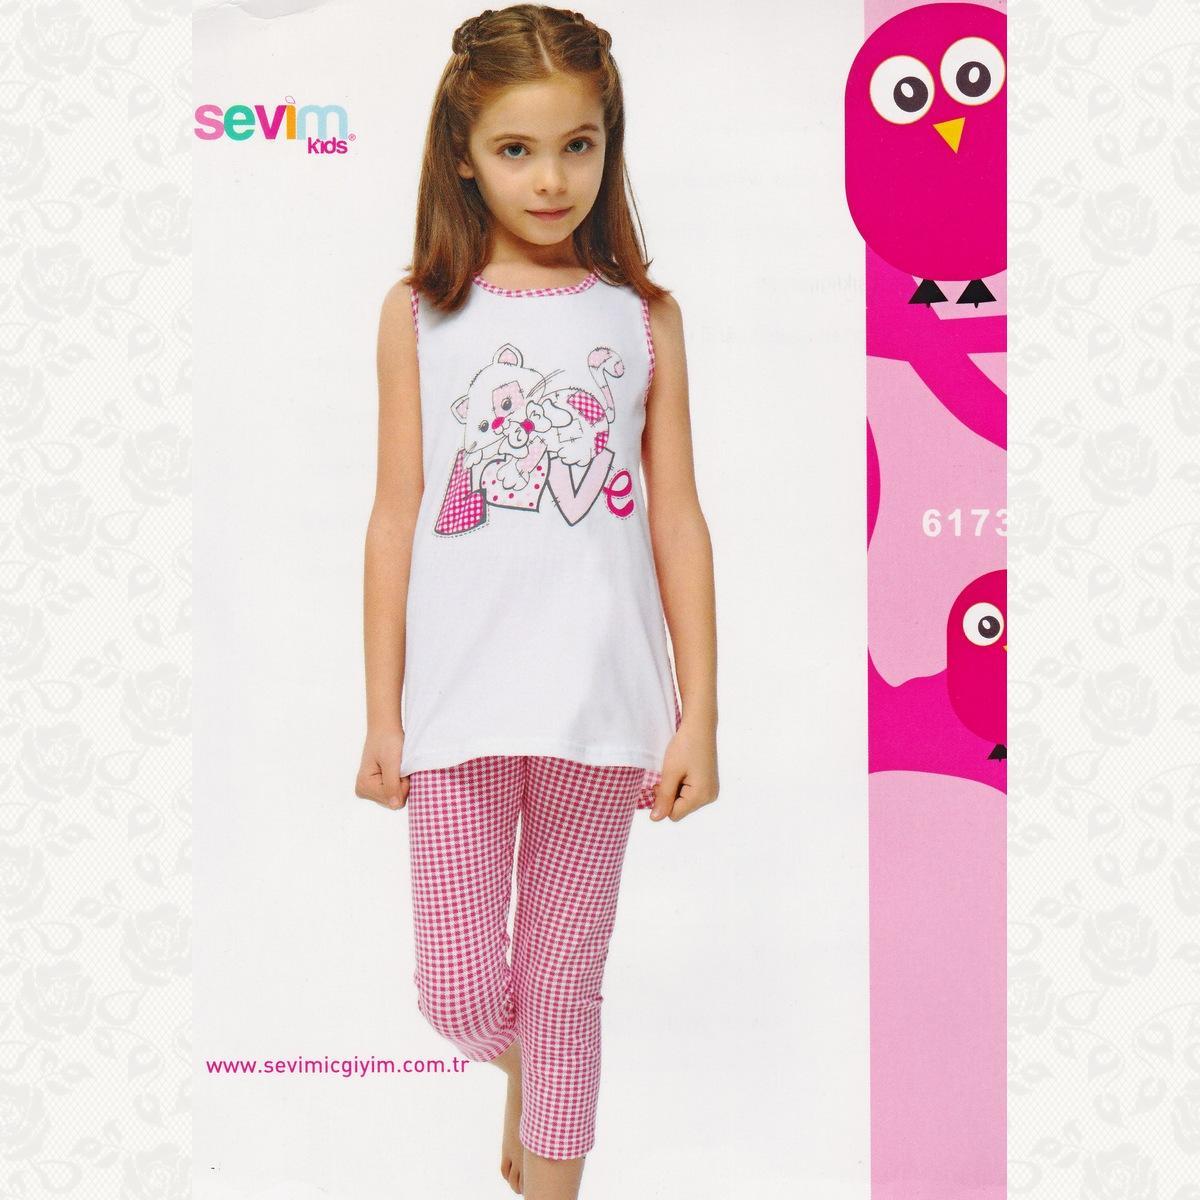 Комплект девичий, цвет бело-розовый с фото, 2 шт.